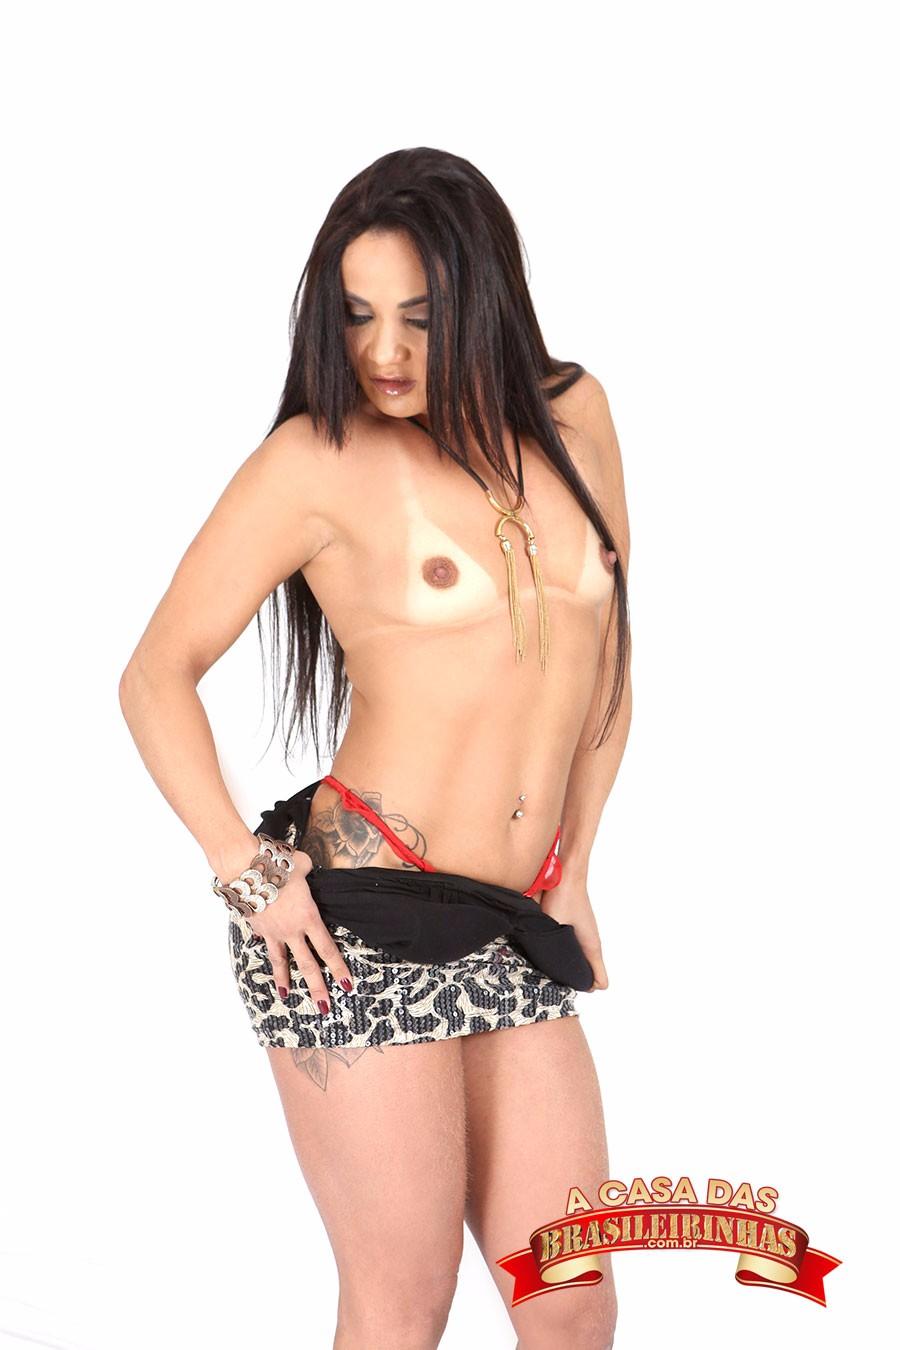 estreia-de-Bianca-Naldy-no-porno.jpg